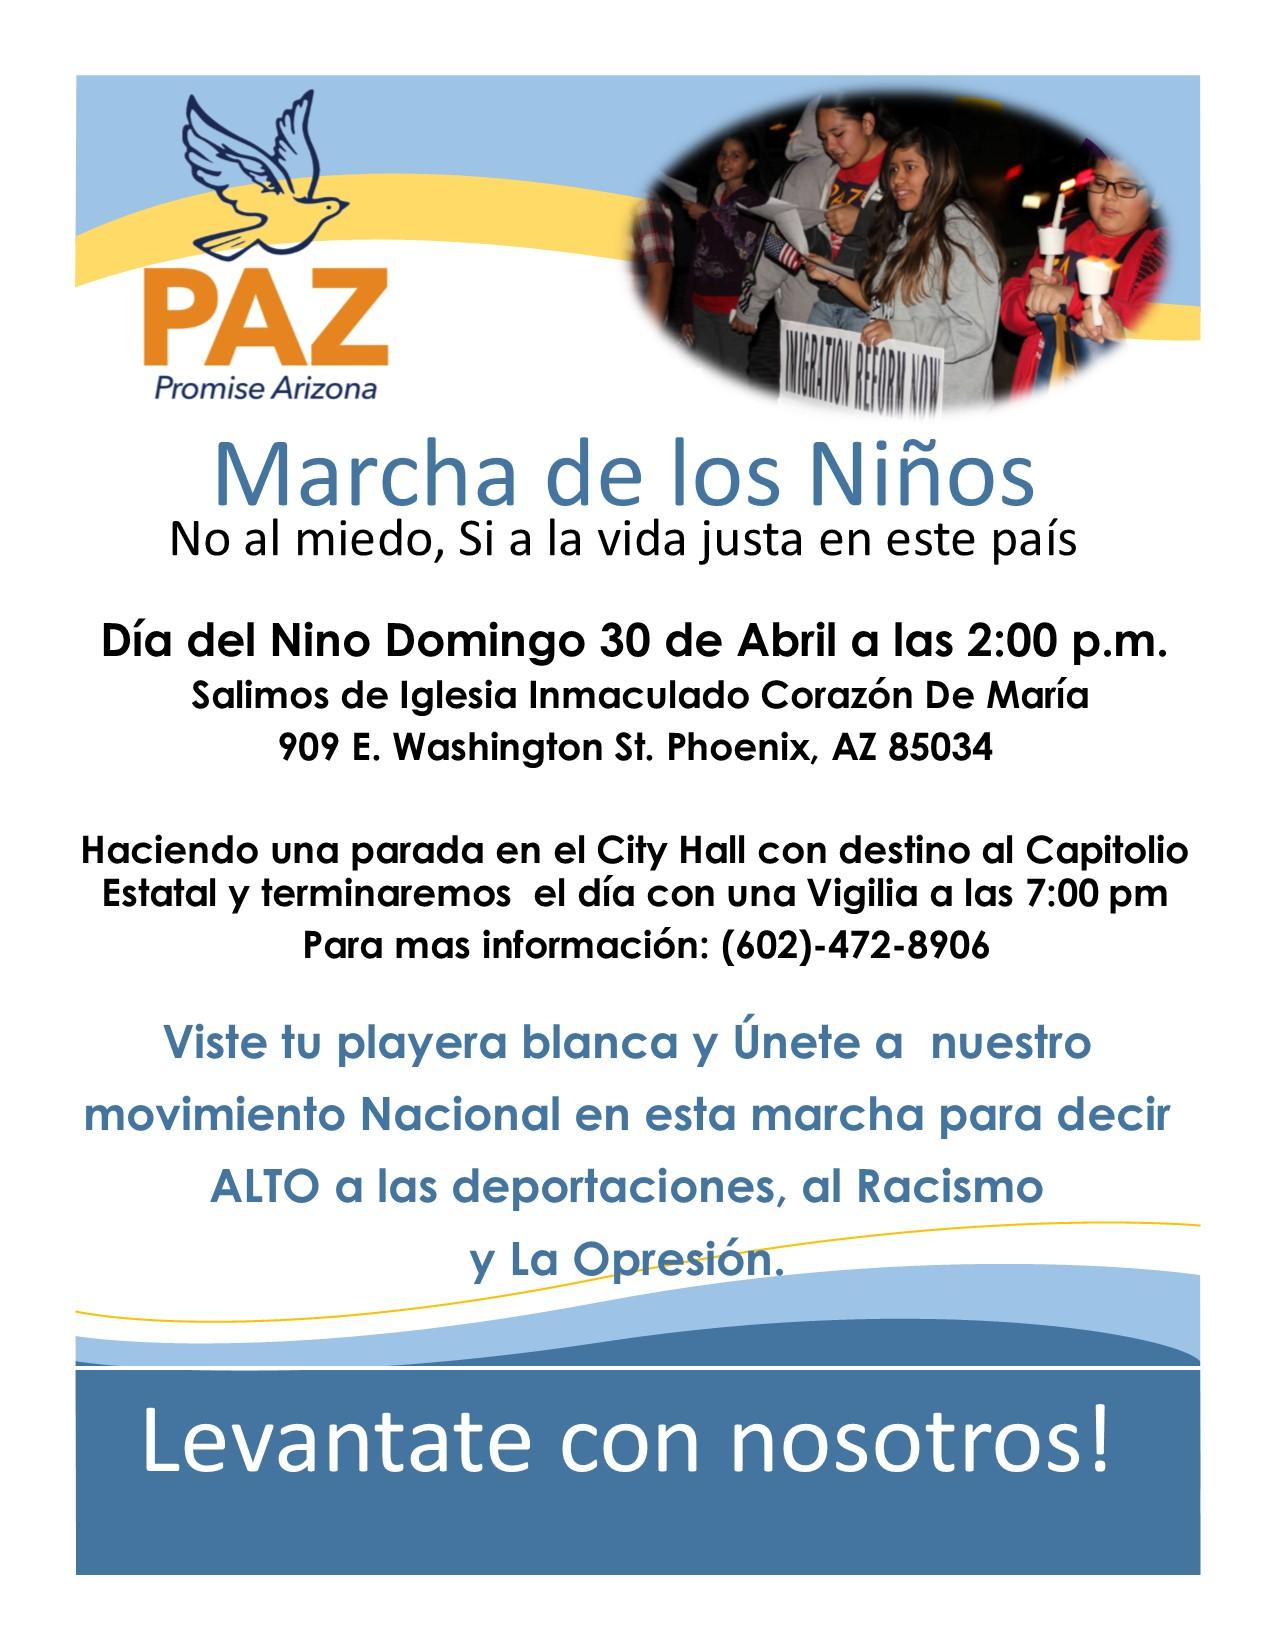 Marcha_de_los_Ninos_1.jpg